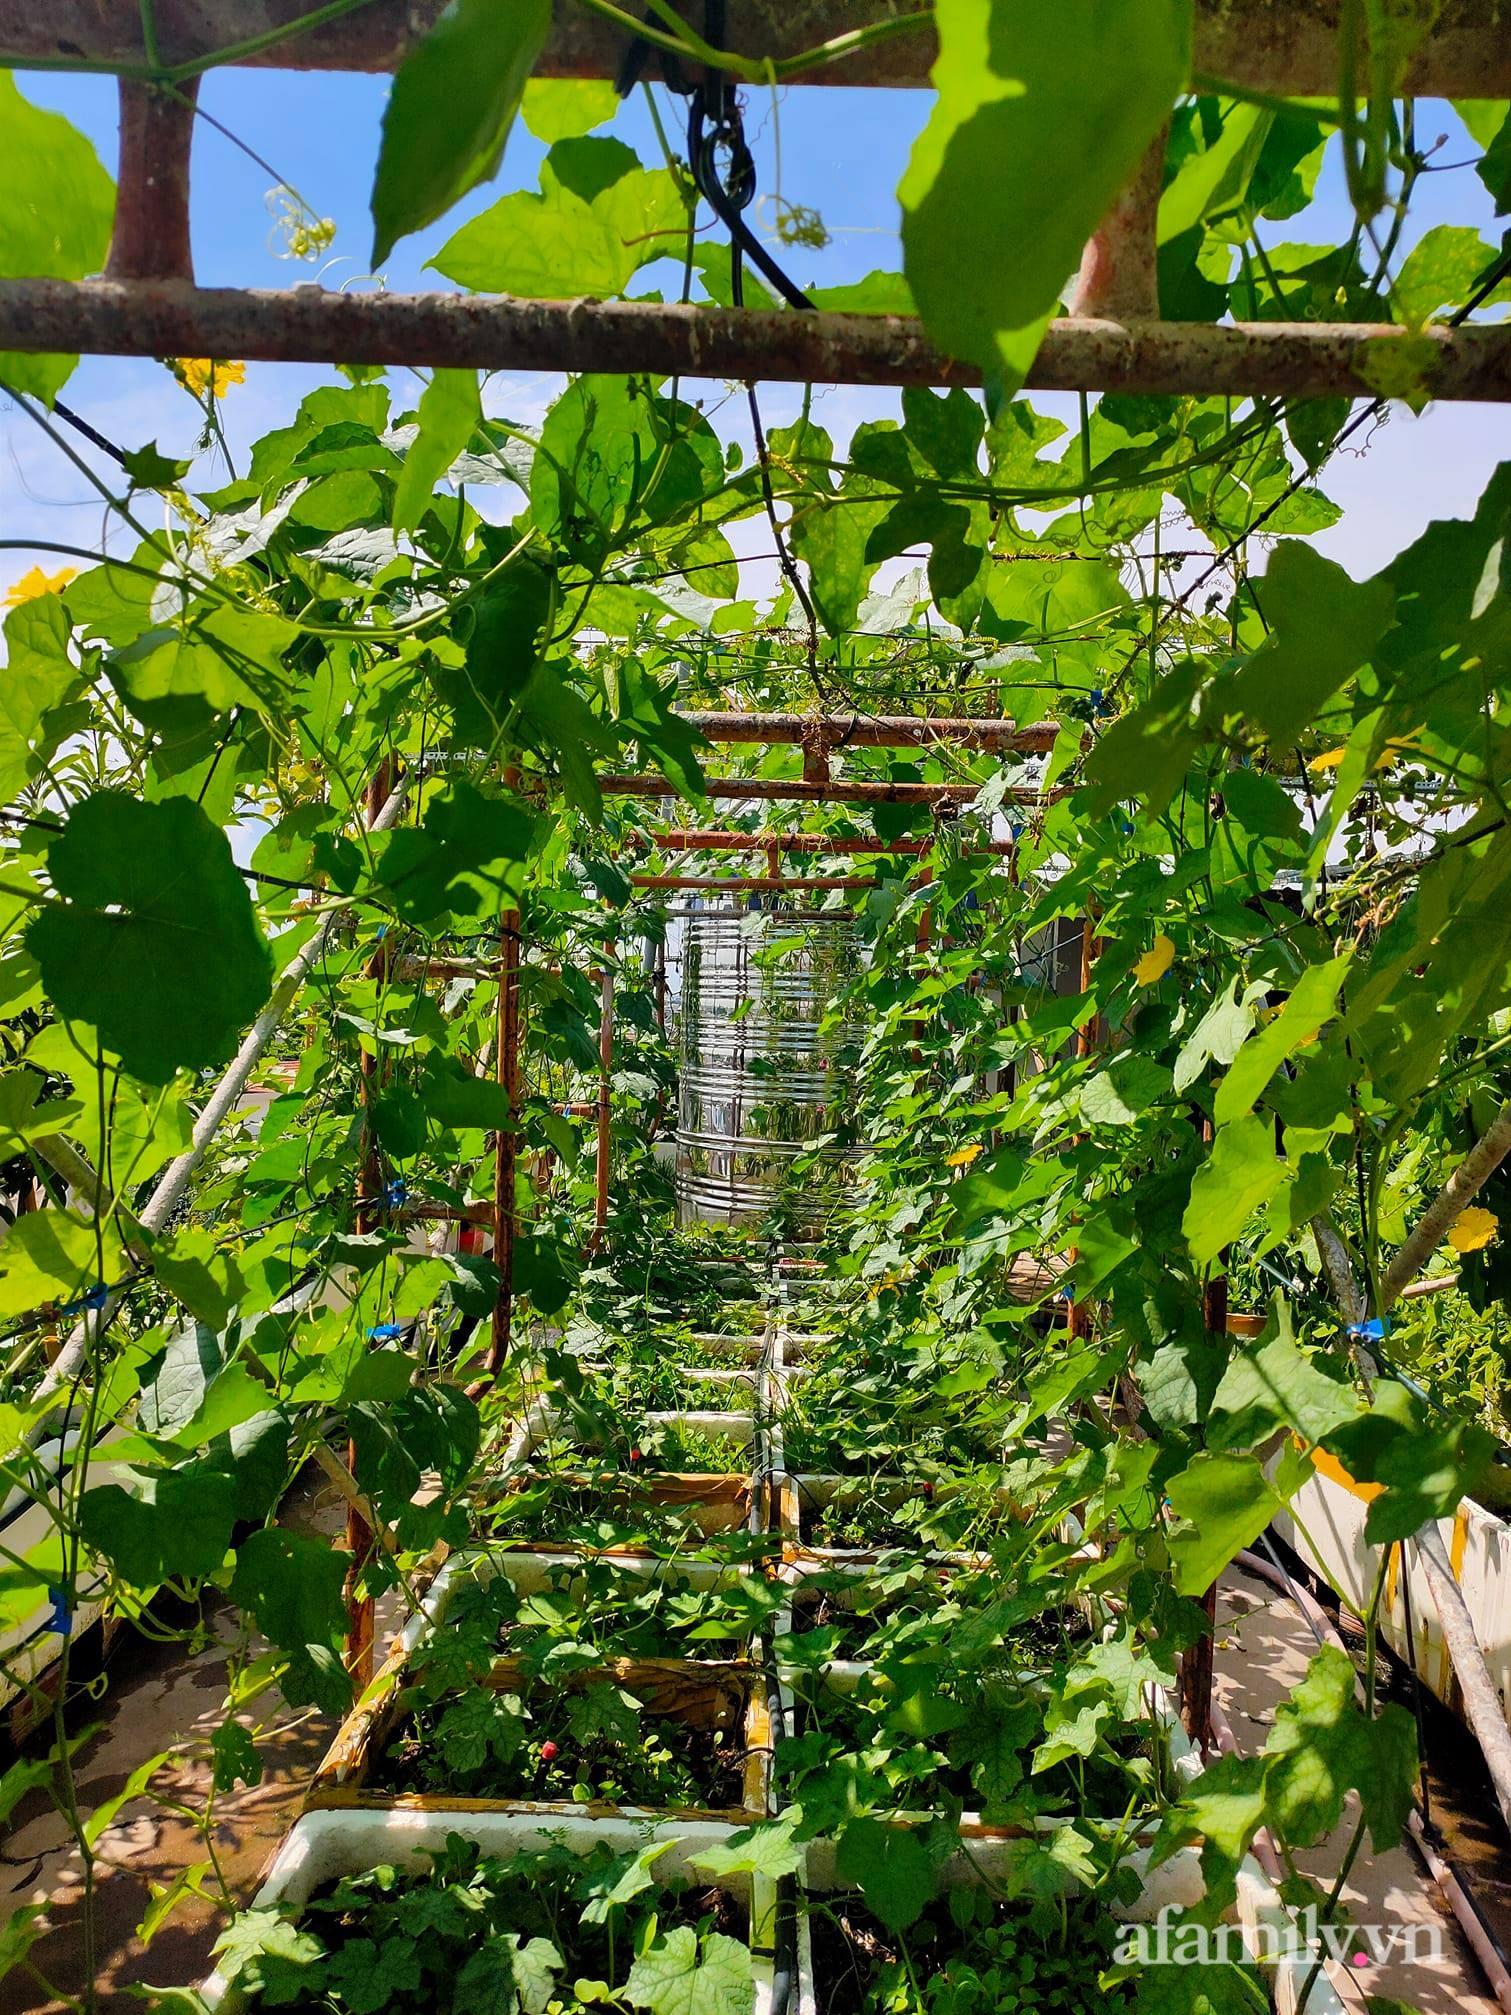 Vườn cây ăn quả 130m2 trên sân thượng quanh năm xanh mát ở quận 9, Sài Gòn - Ảnh 4.